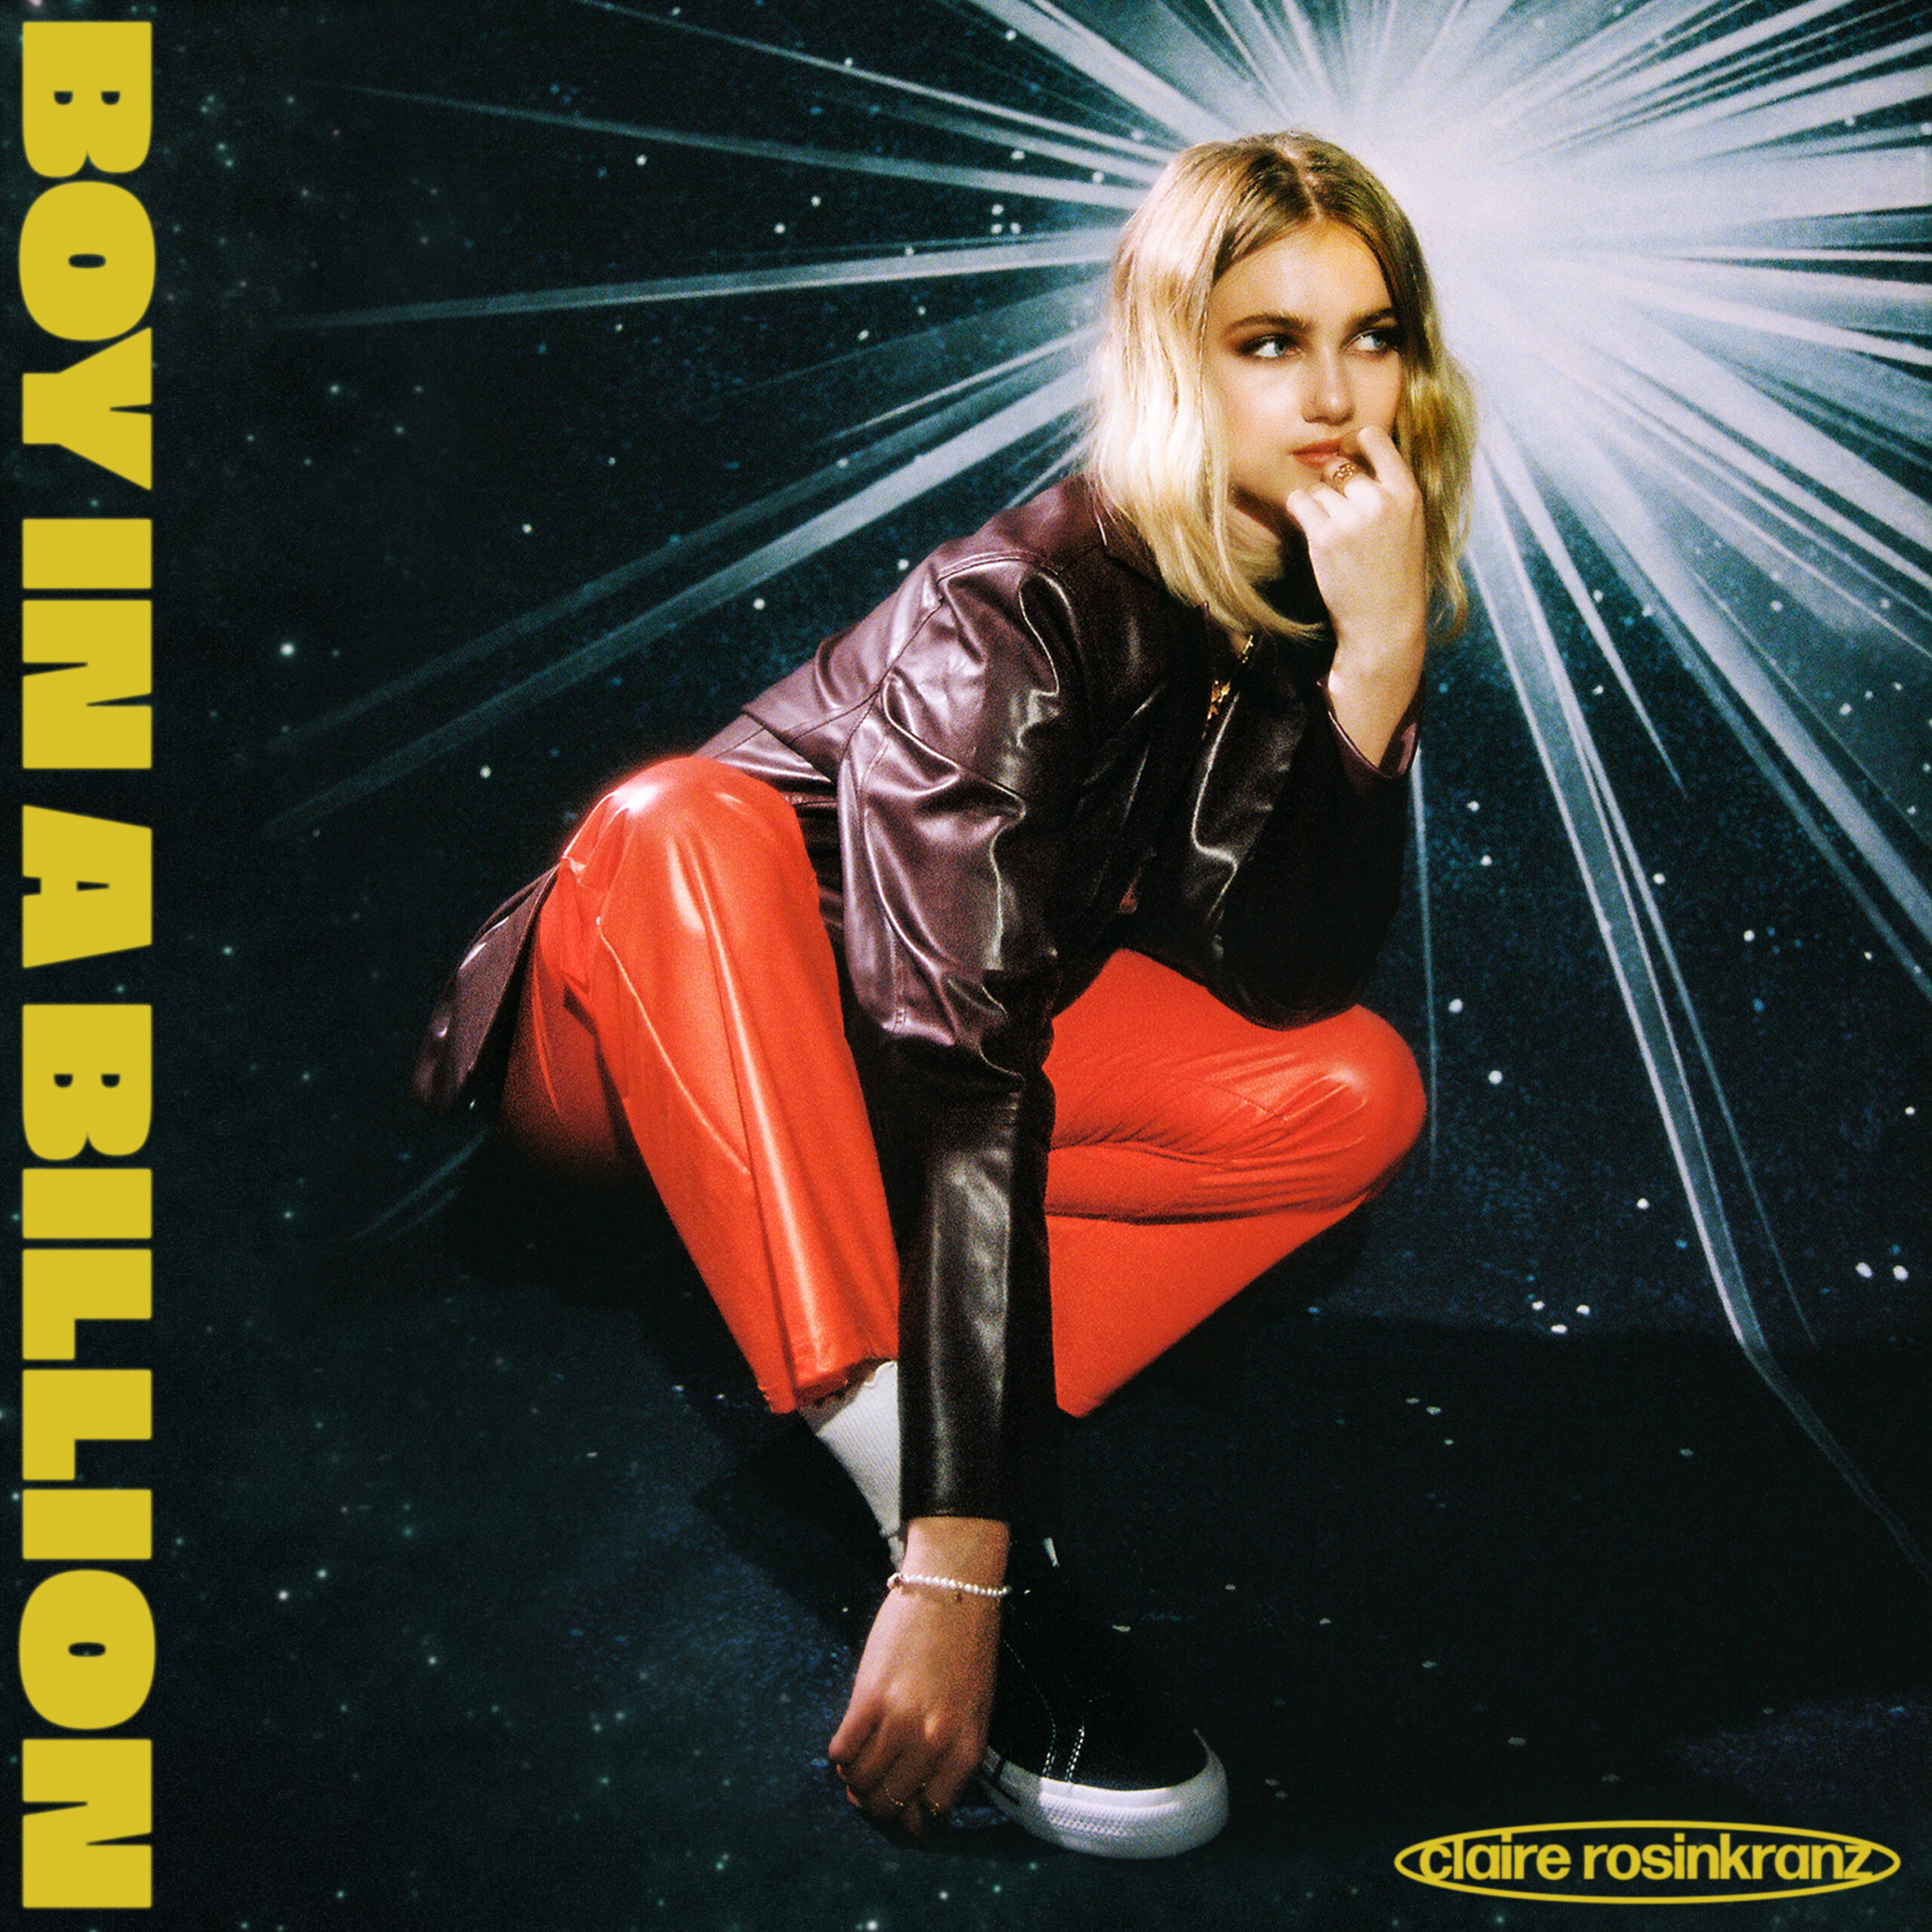 Boy in a Billion album art via Republic Records for use by 360 Magazine